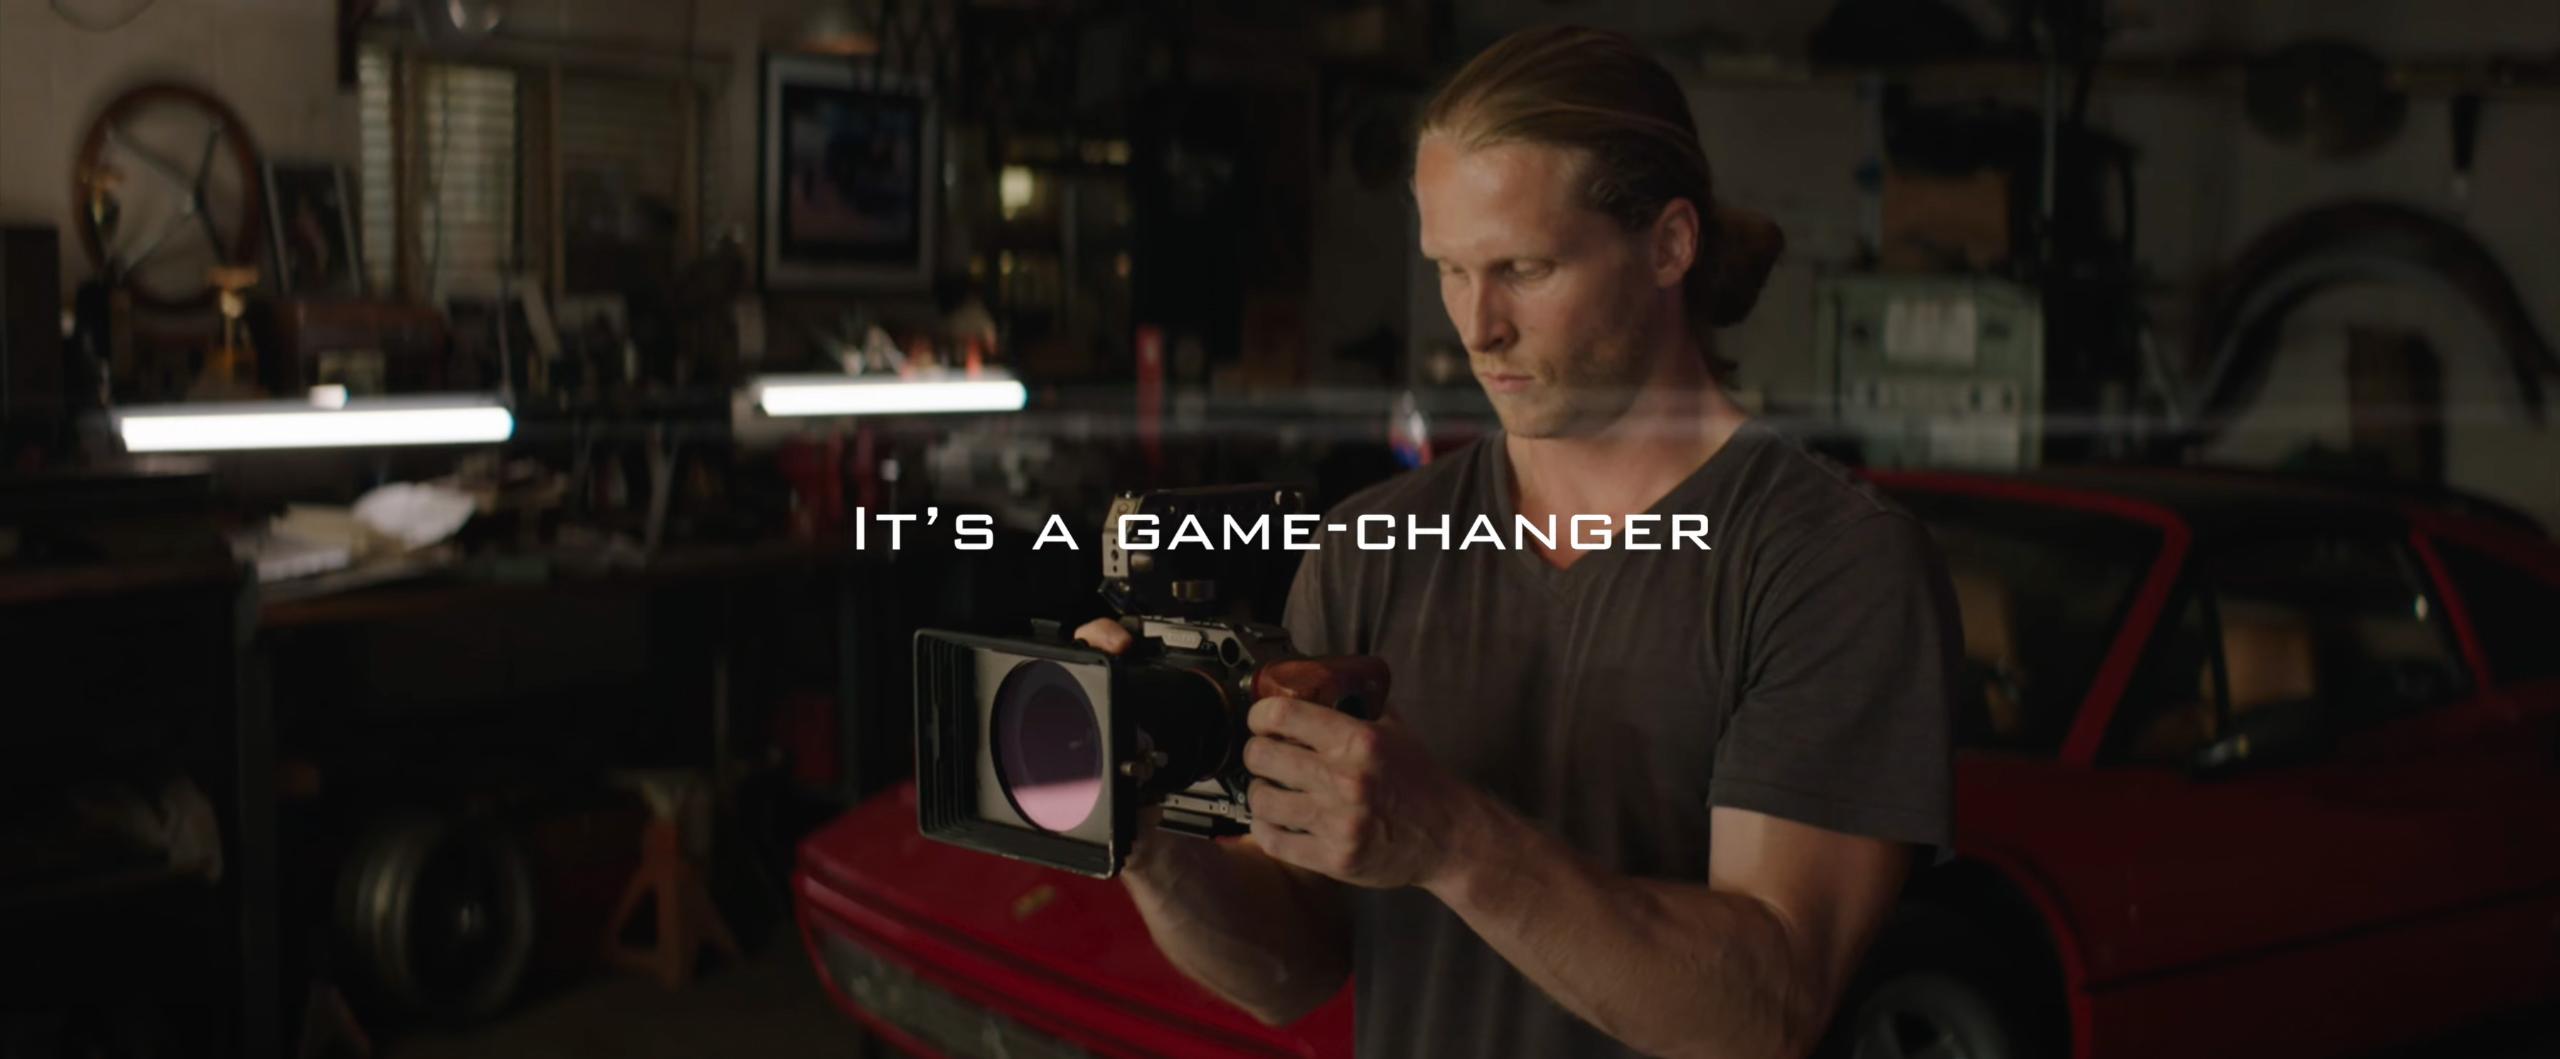 Tilta Matte Box Game-changer